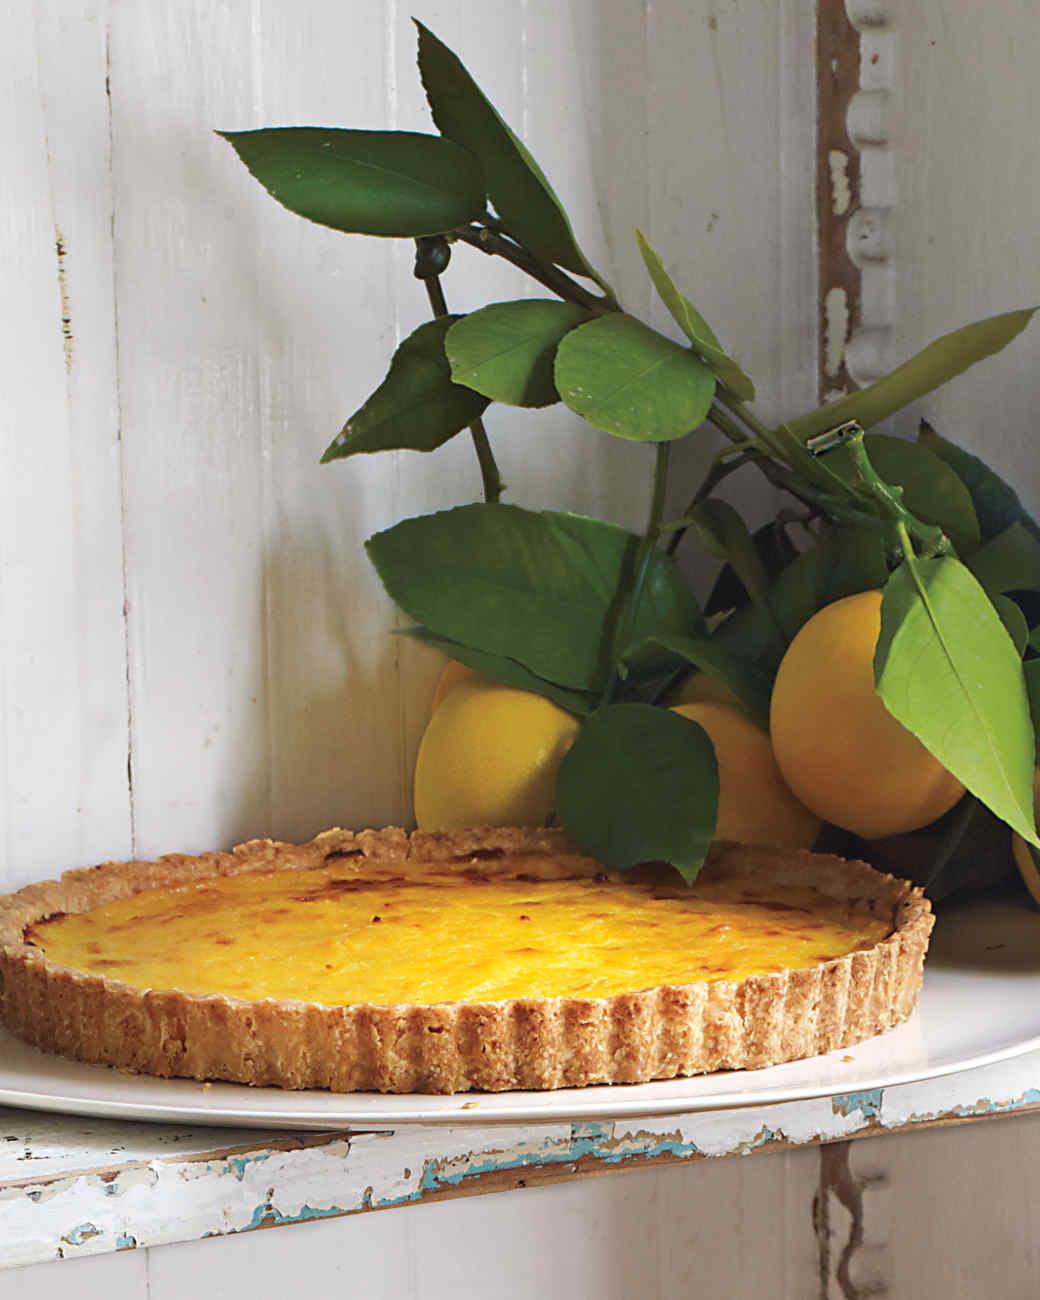 Rustic Meyer Lemon Tart